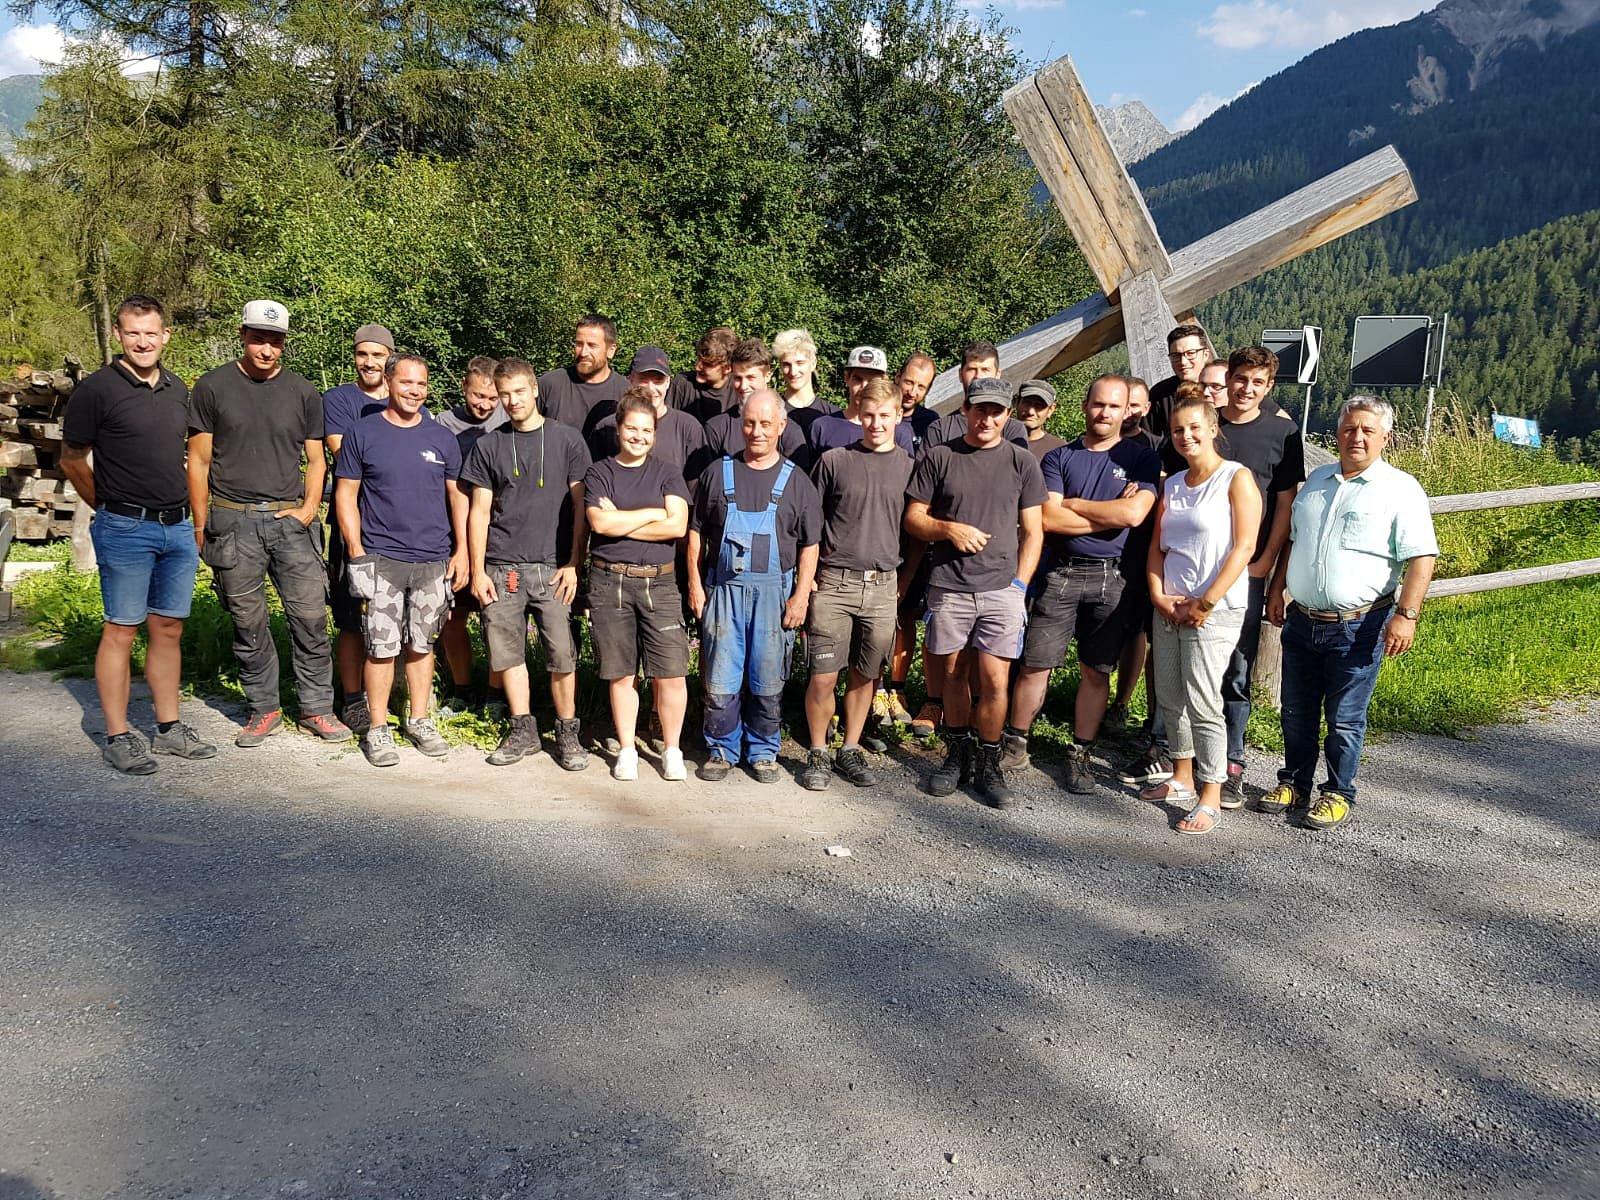 Etwas Neues genug Foffa Conrad Holzbau AG in Valchava - Adresse & Öffnungszeiten auf @TD_03